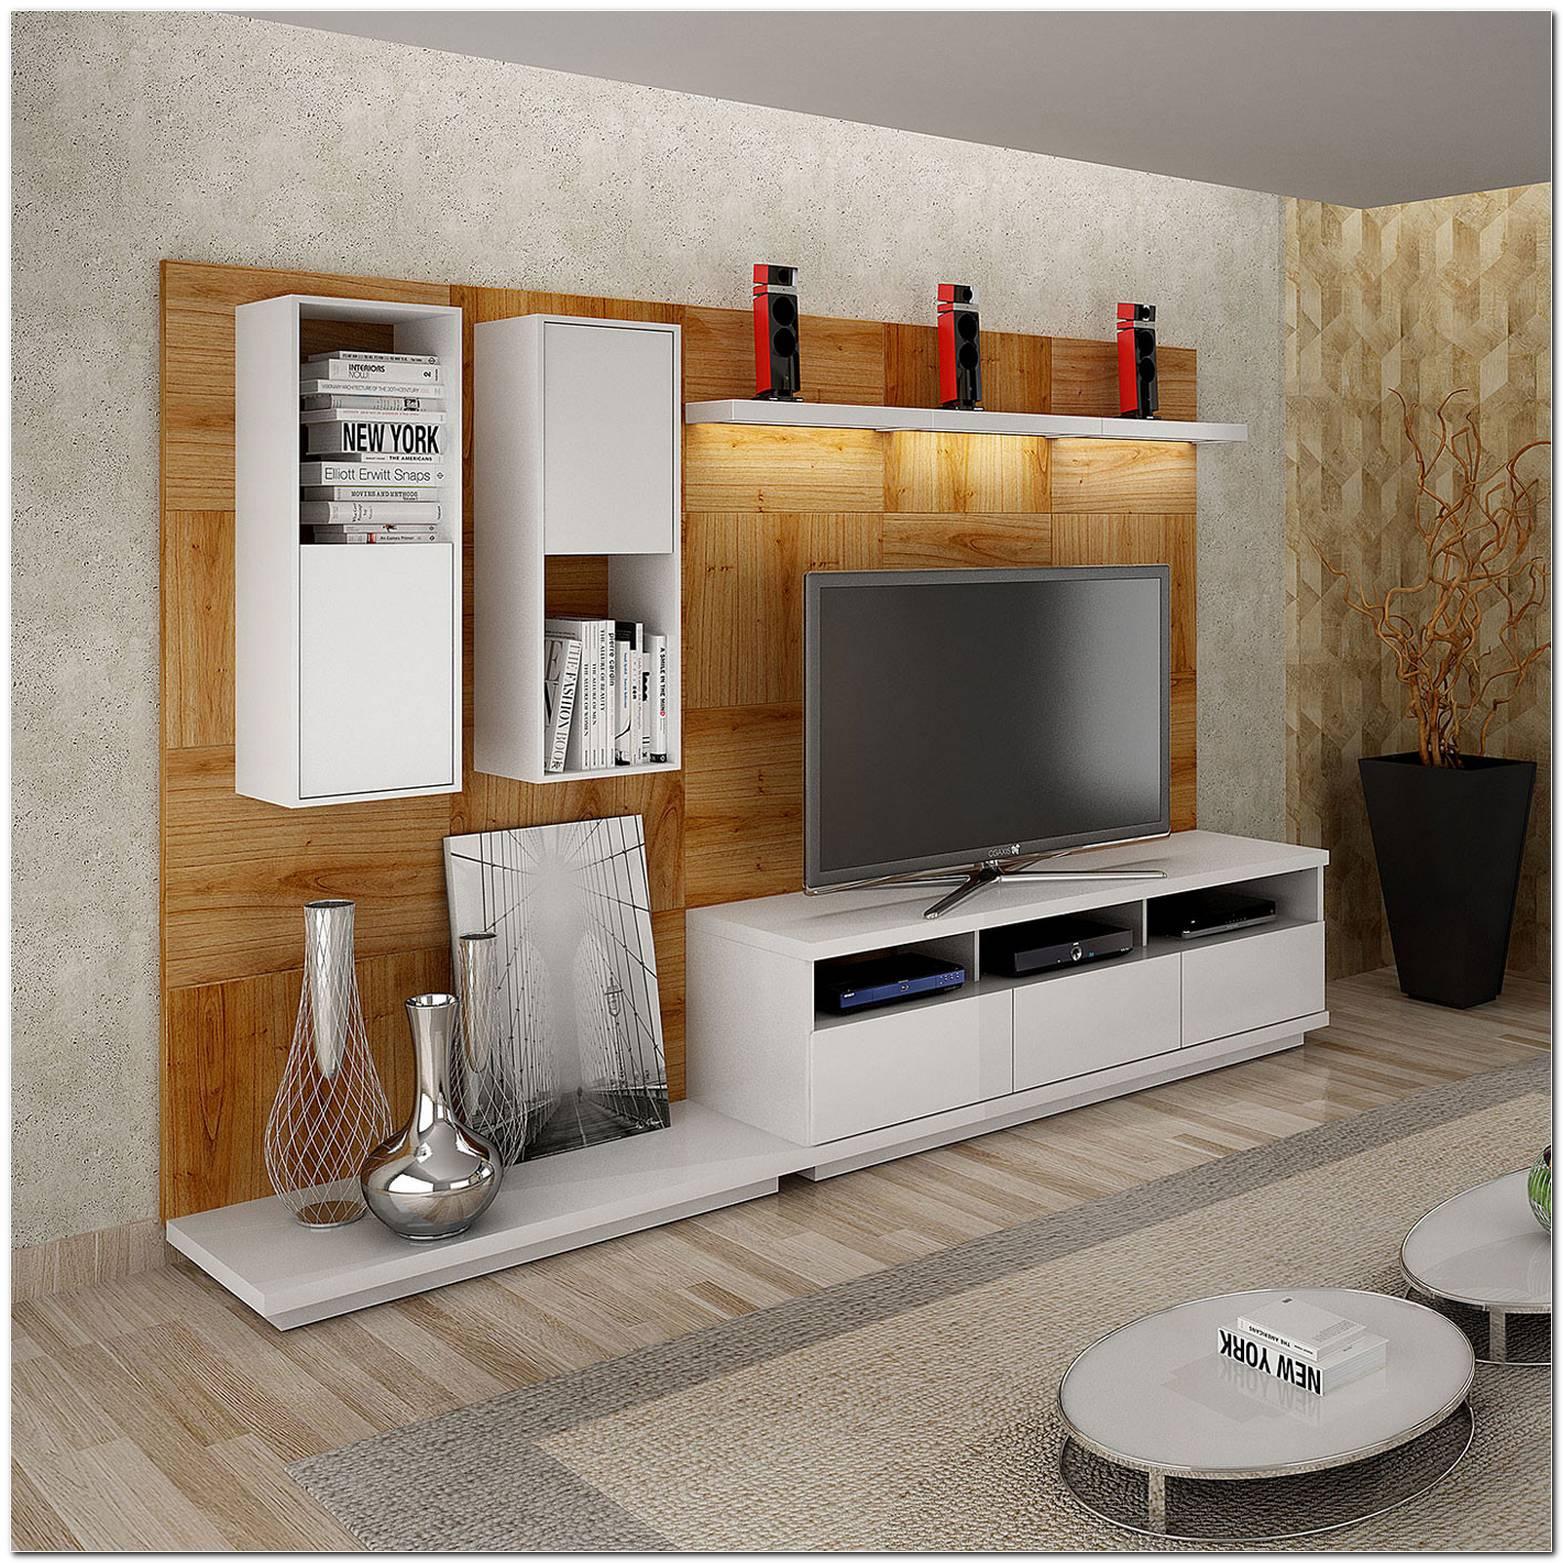 Imagens De Home Para Sala De Tv